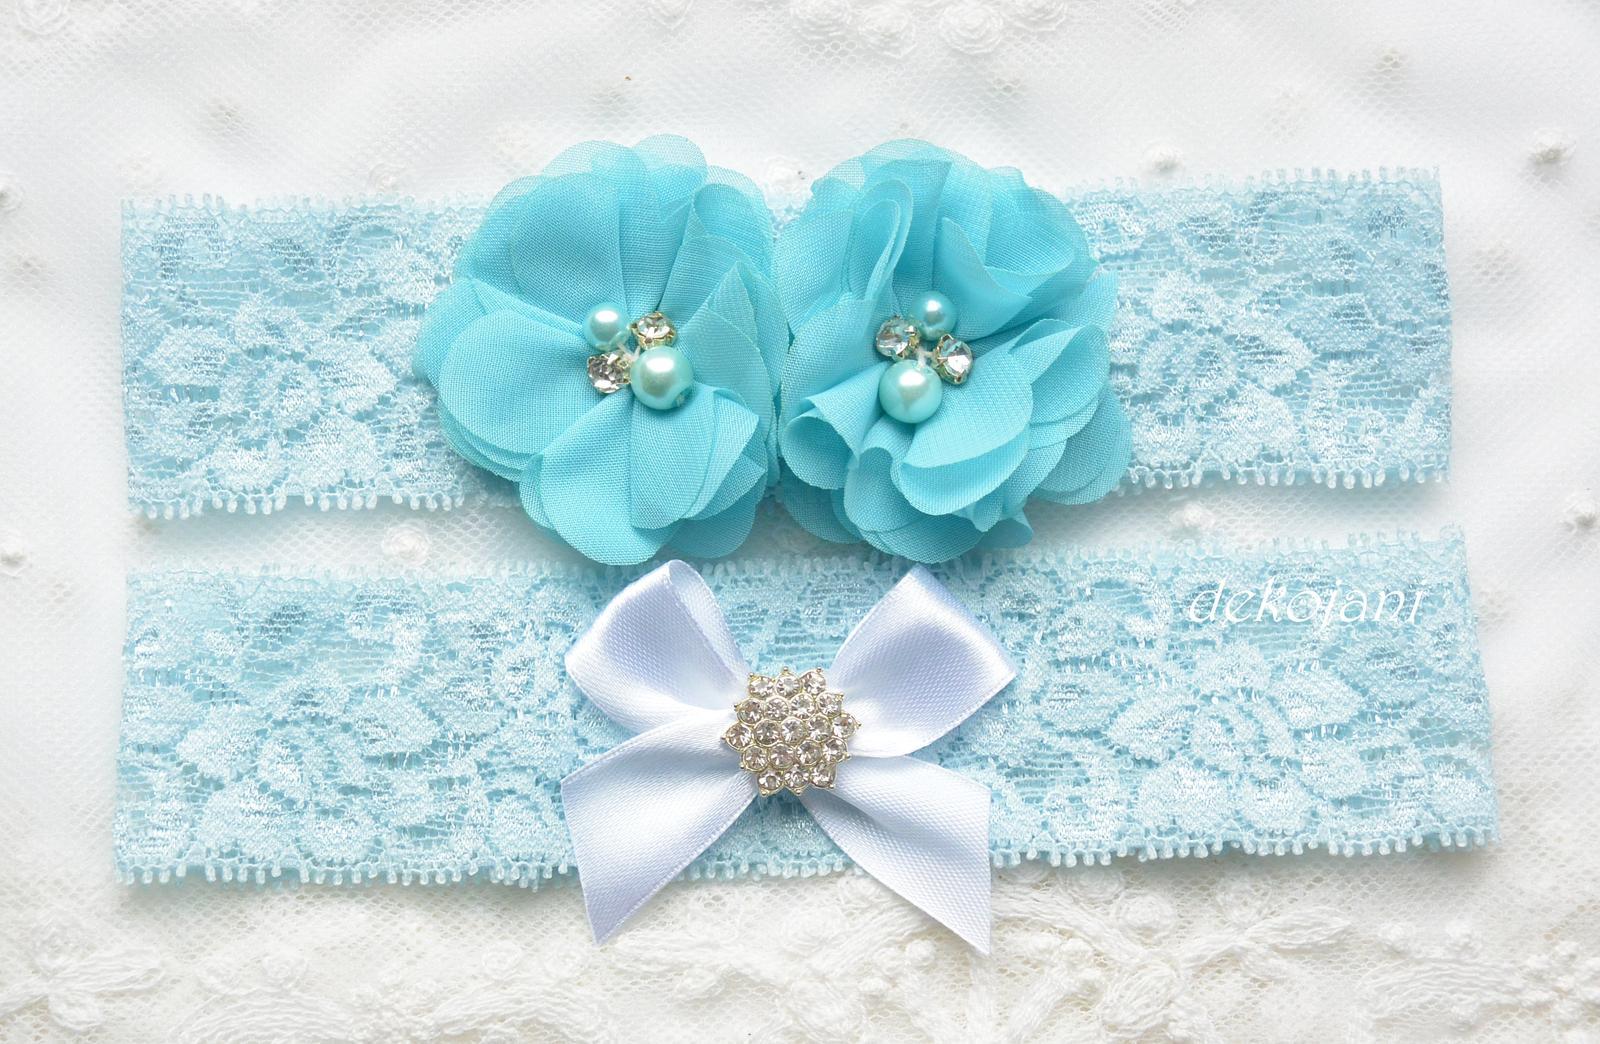 Luxusní svatební doplňky a dekorace. - Obrázek č. 27